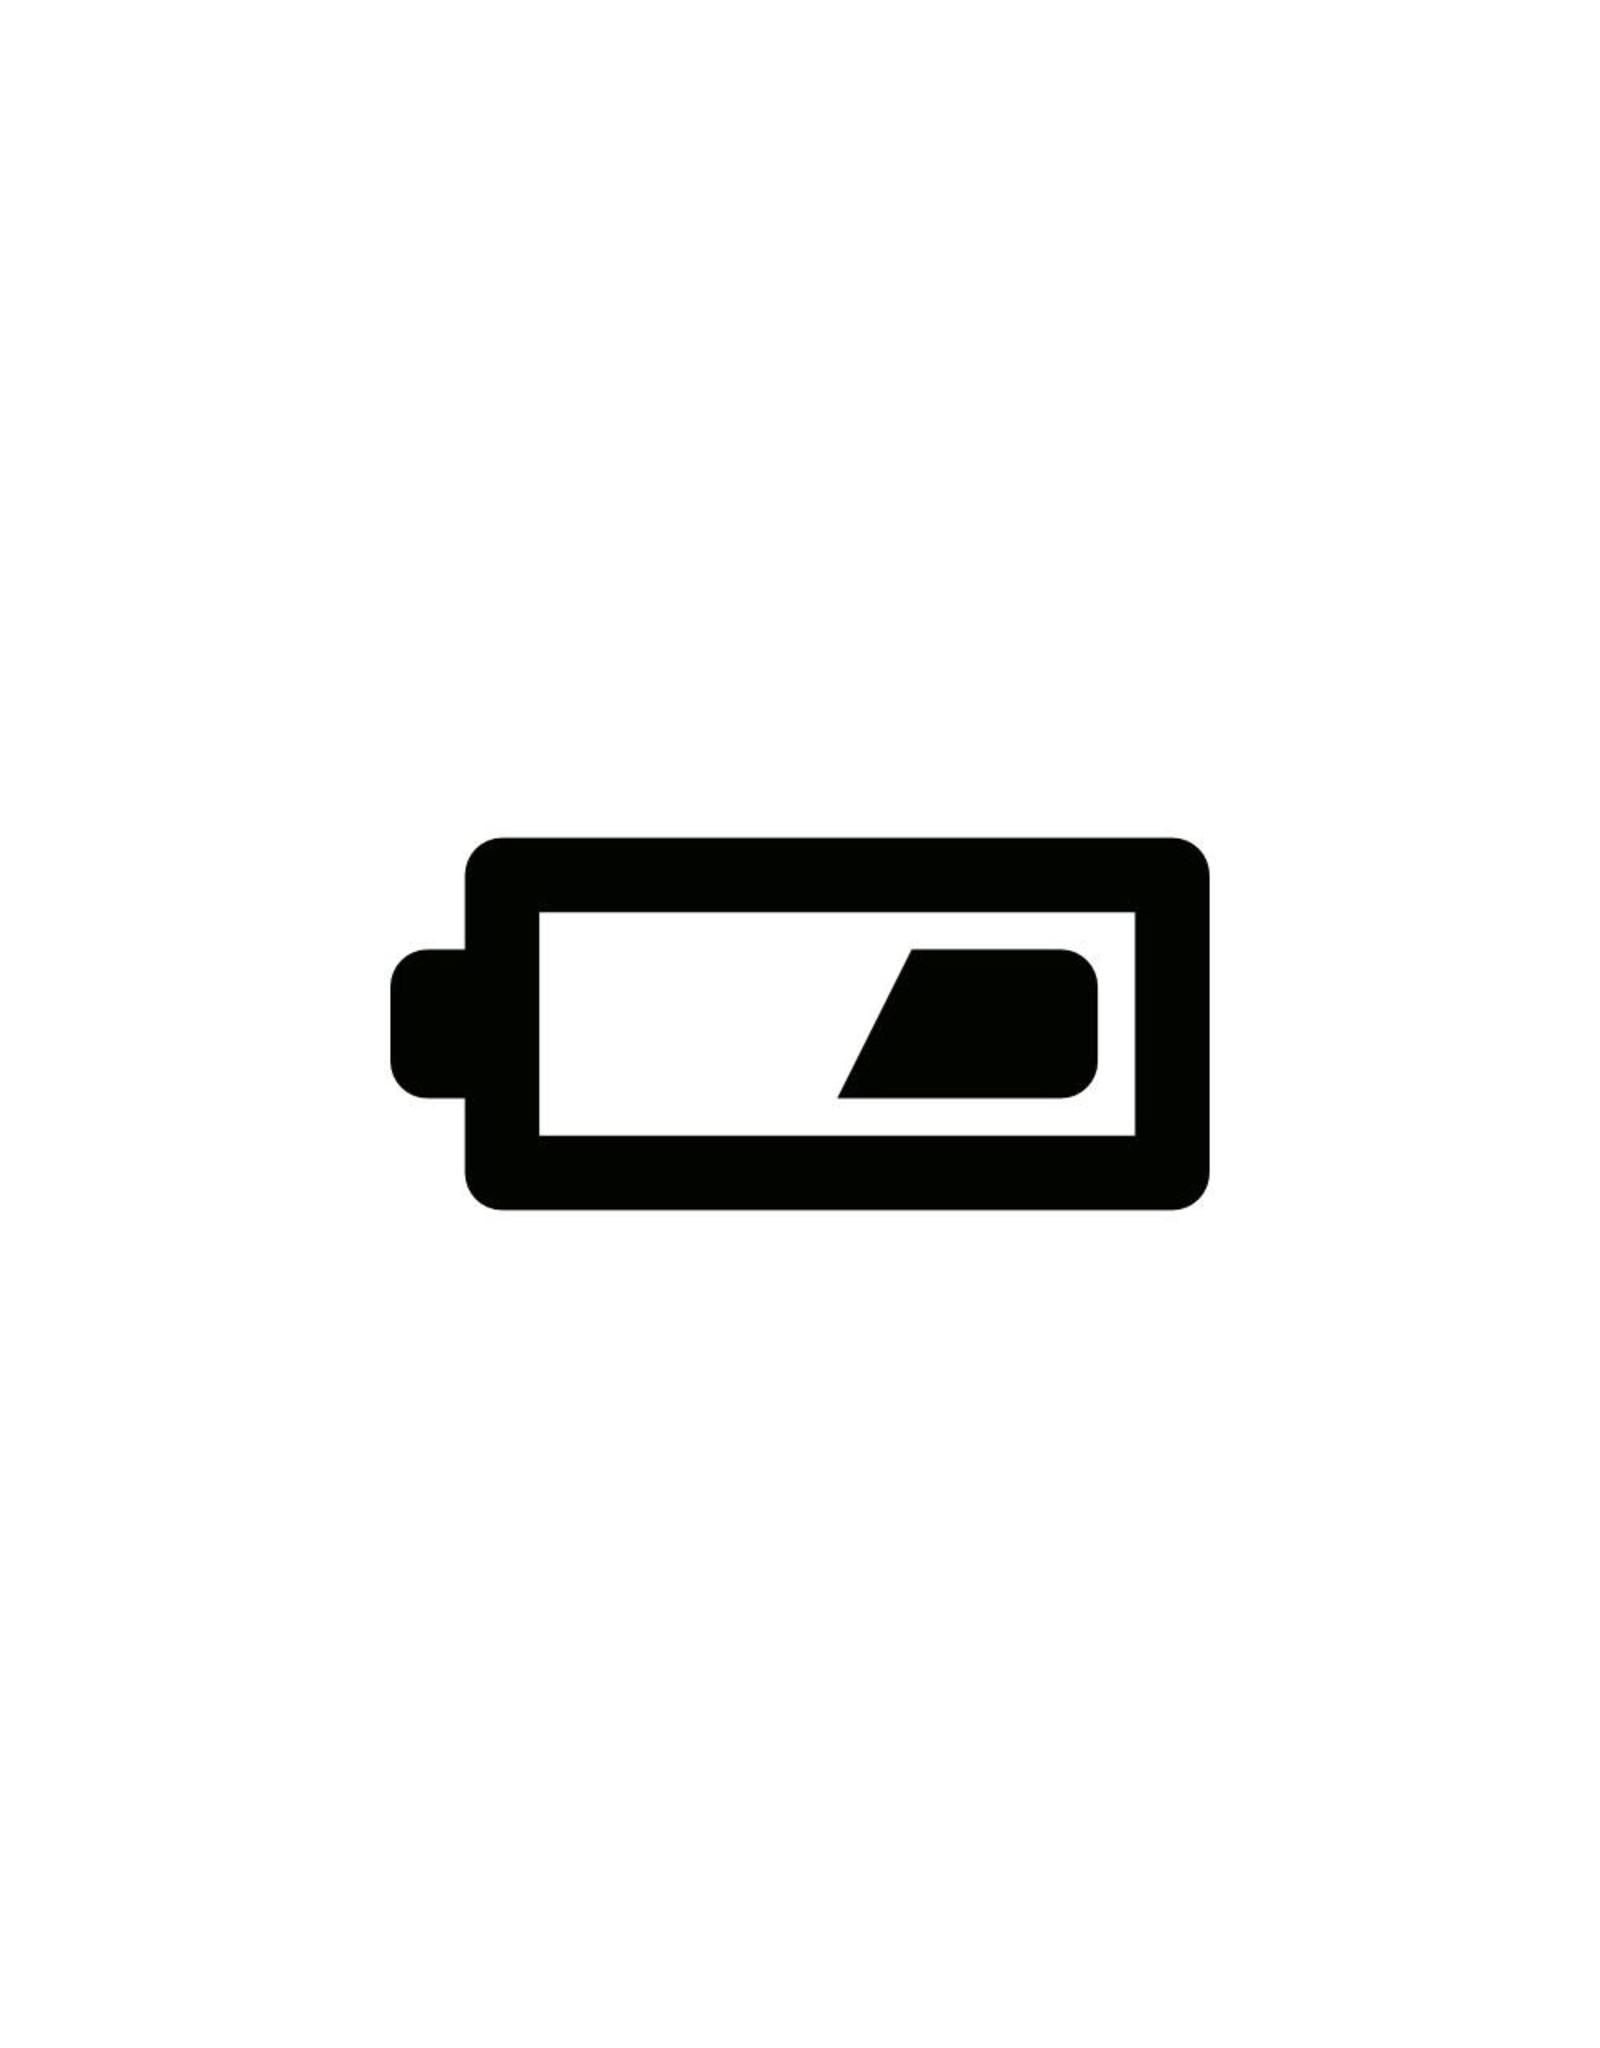 WATT Mobility WATT Battery V2